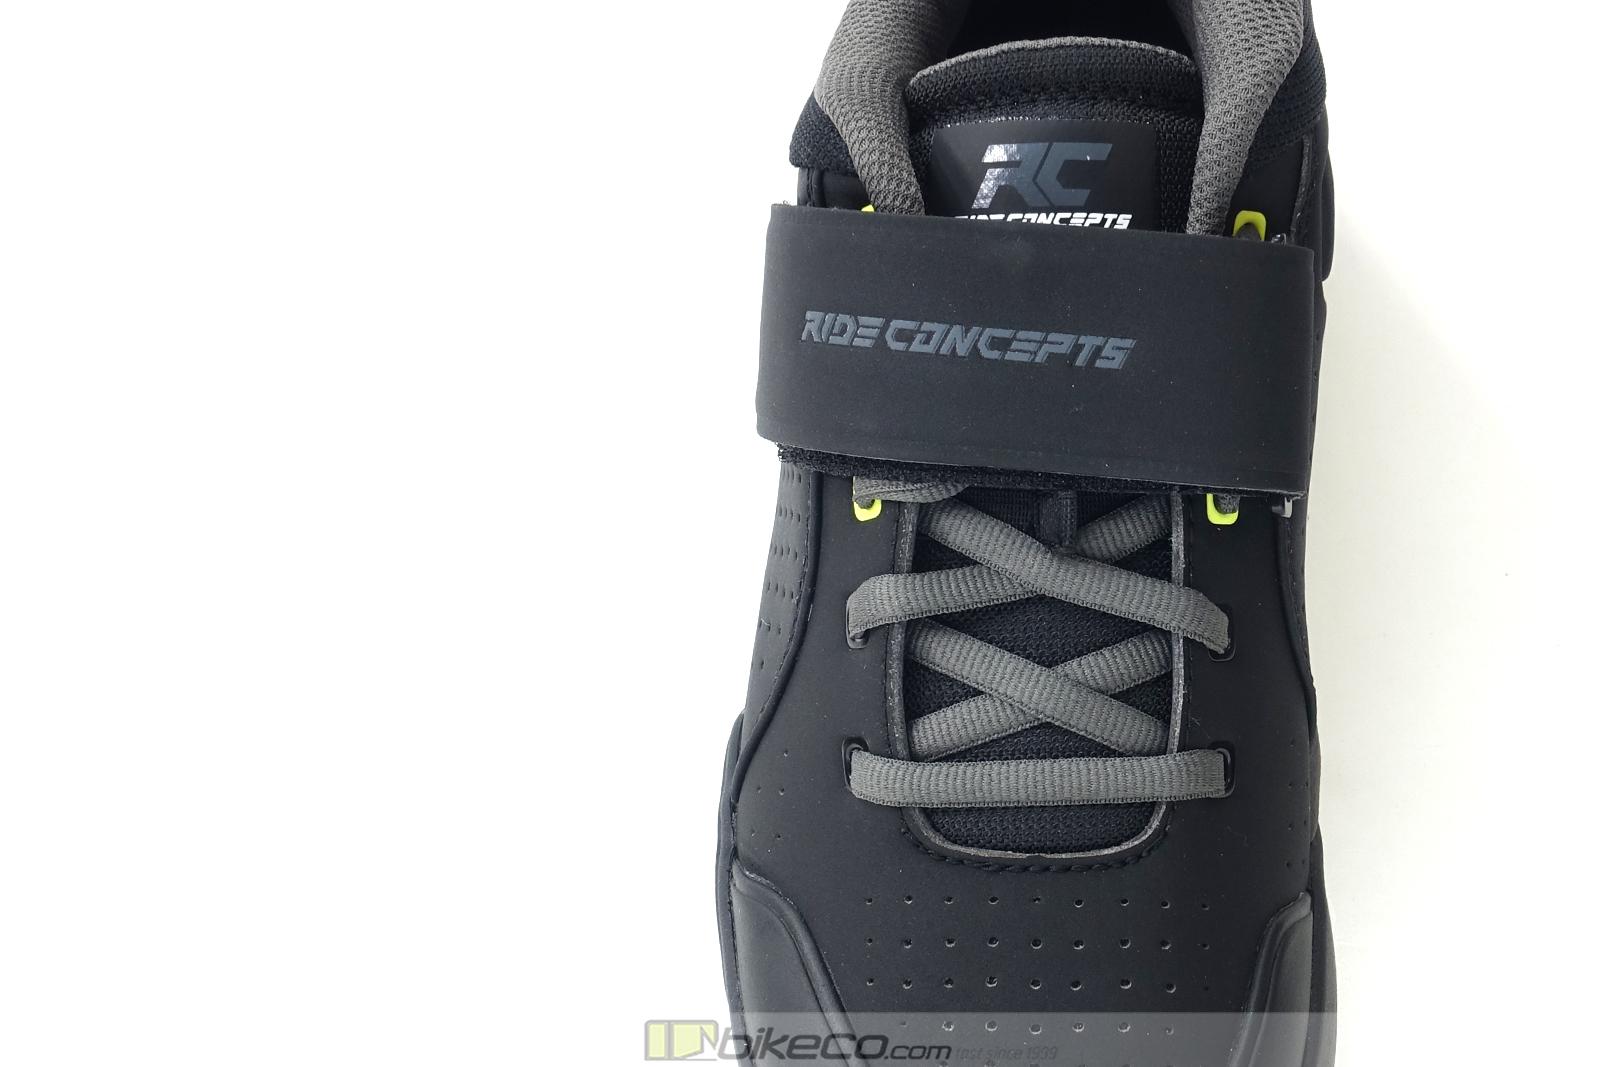 Ride Concepts TNT 2021 Shoe